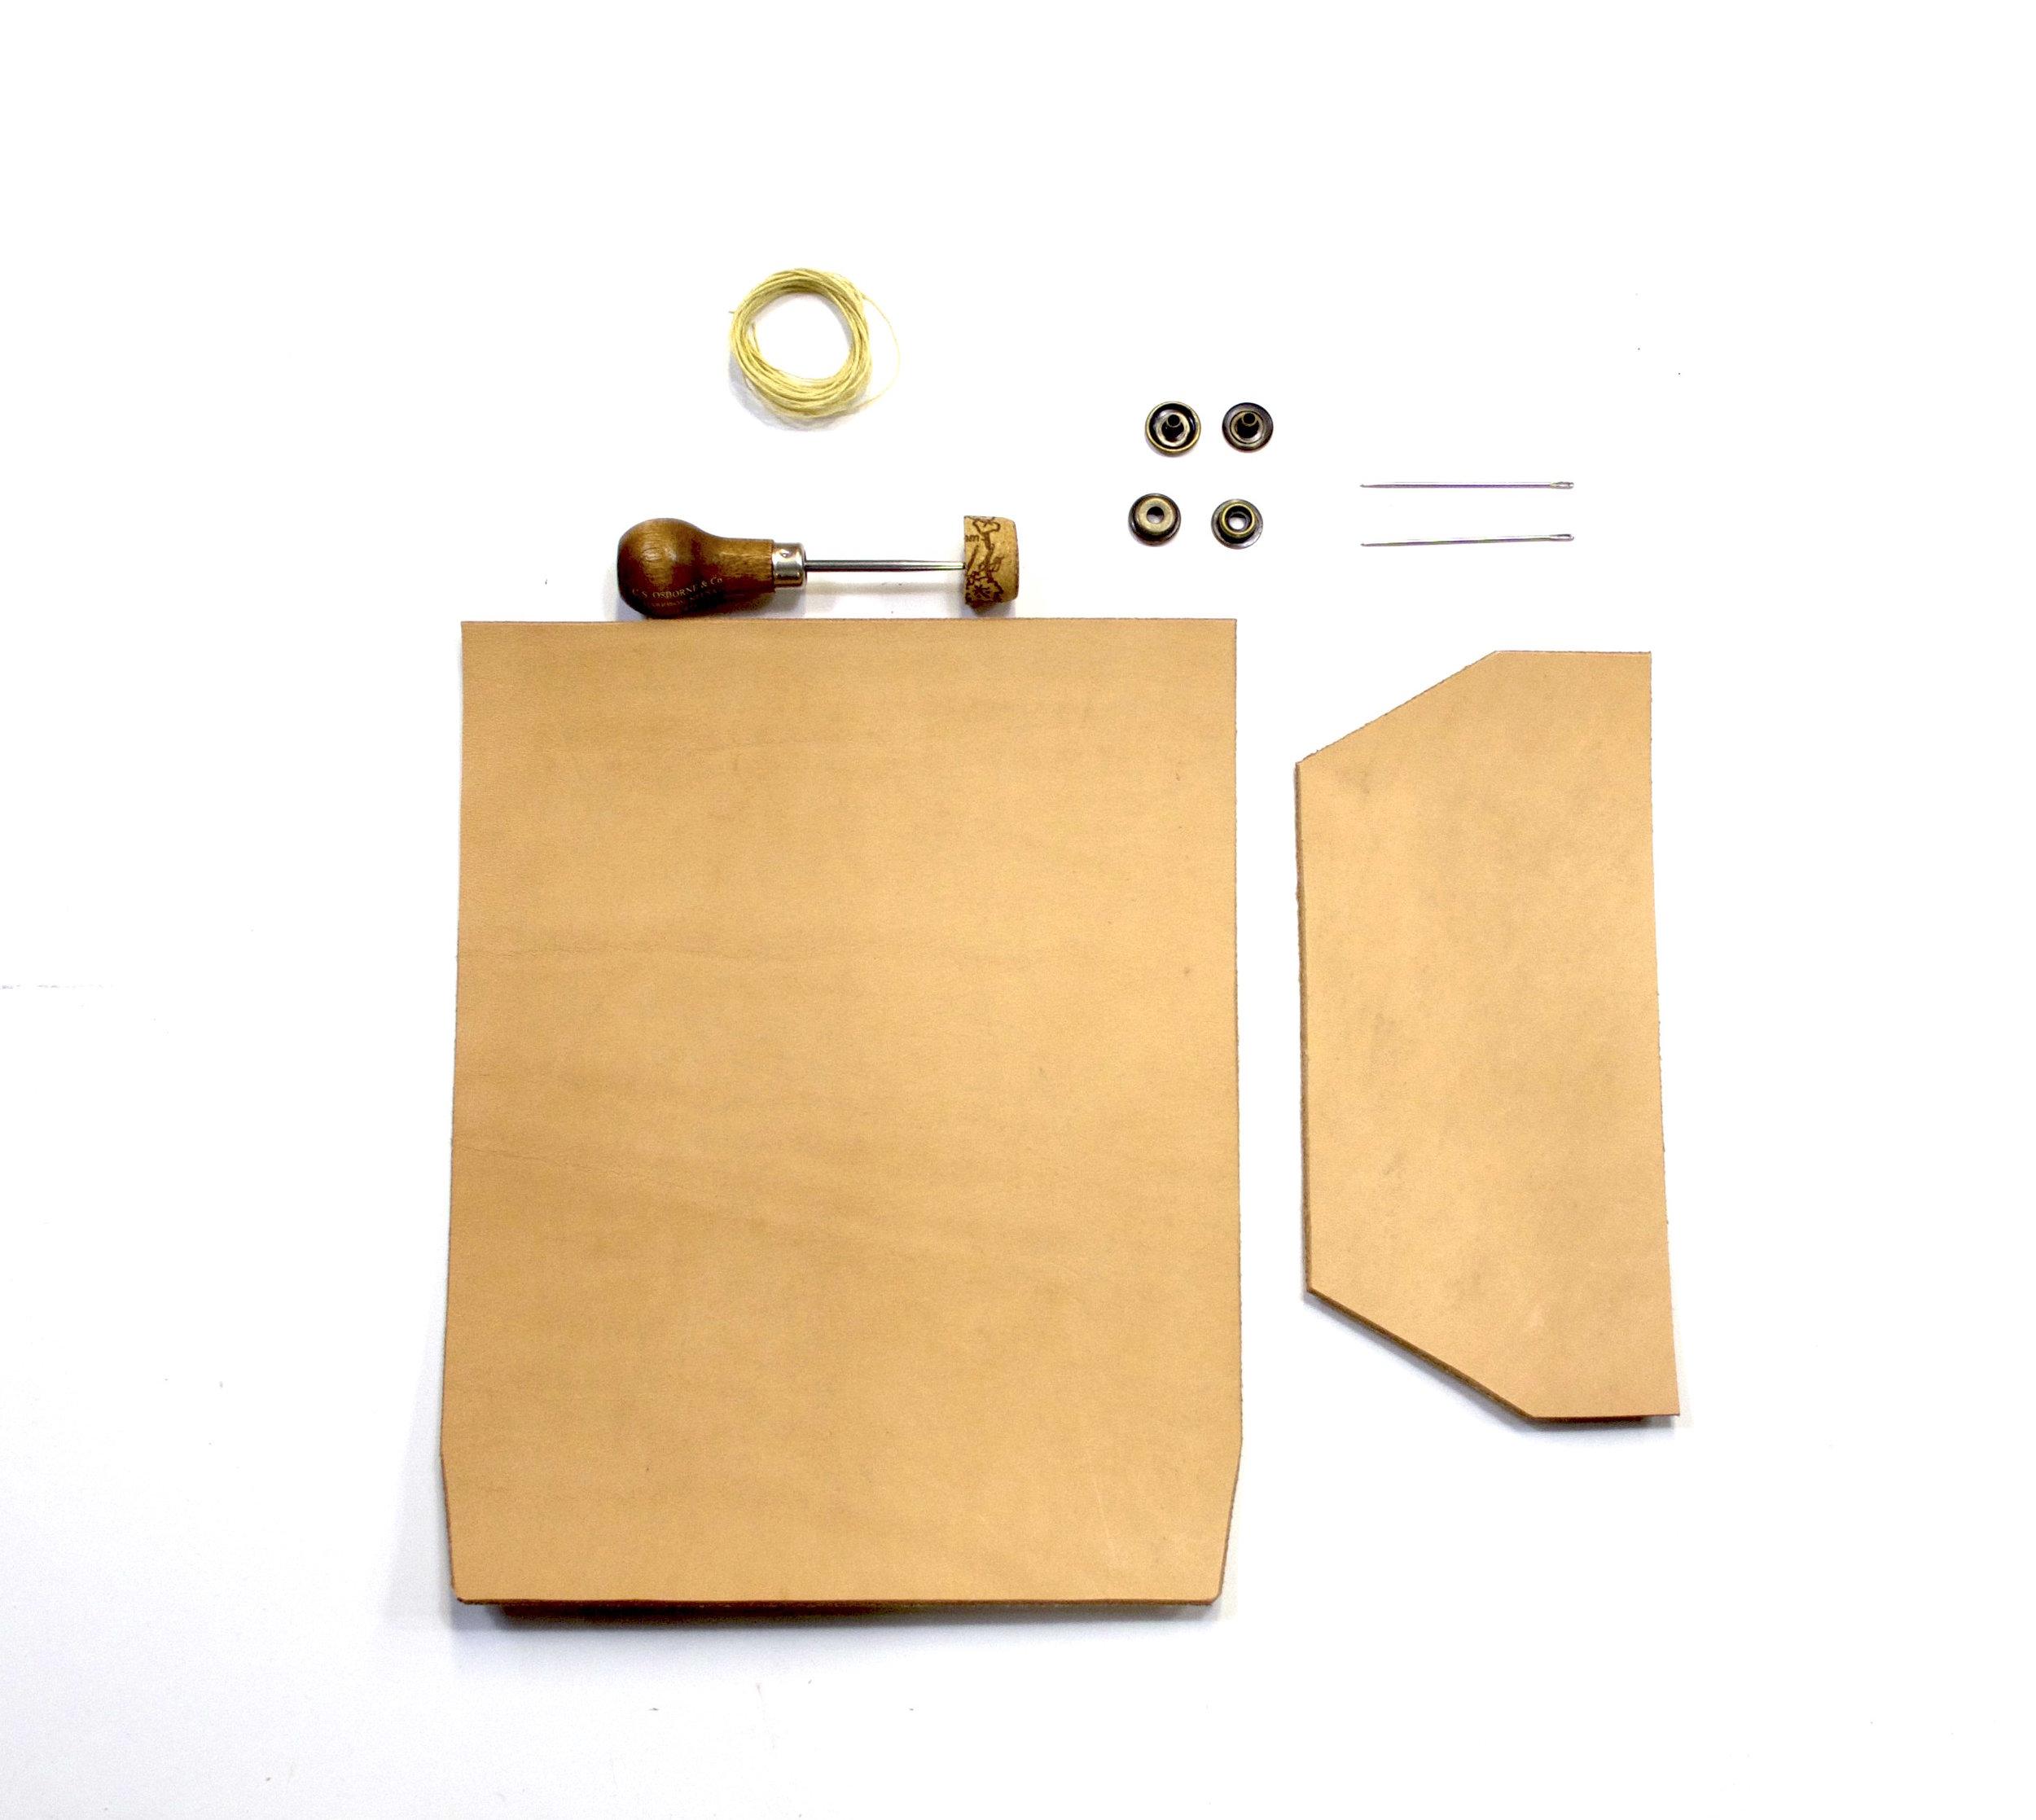 Leather+Wallet+Kit+Ingredients.jpg